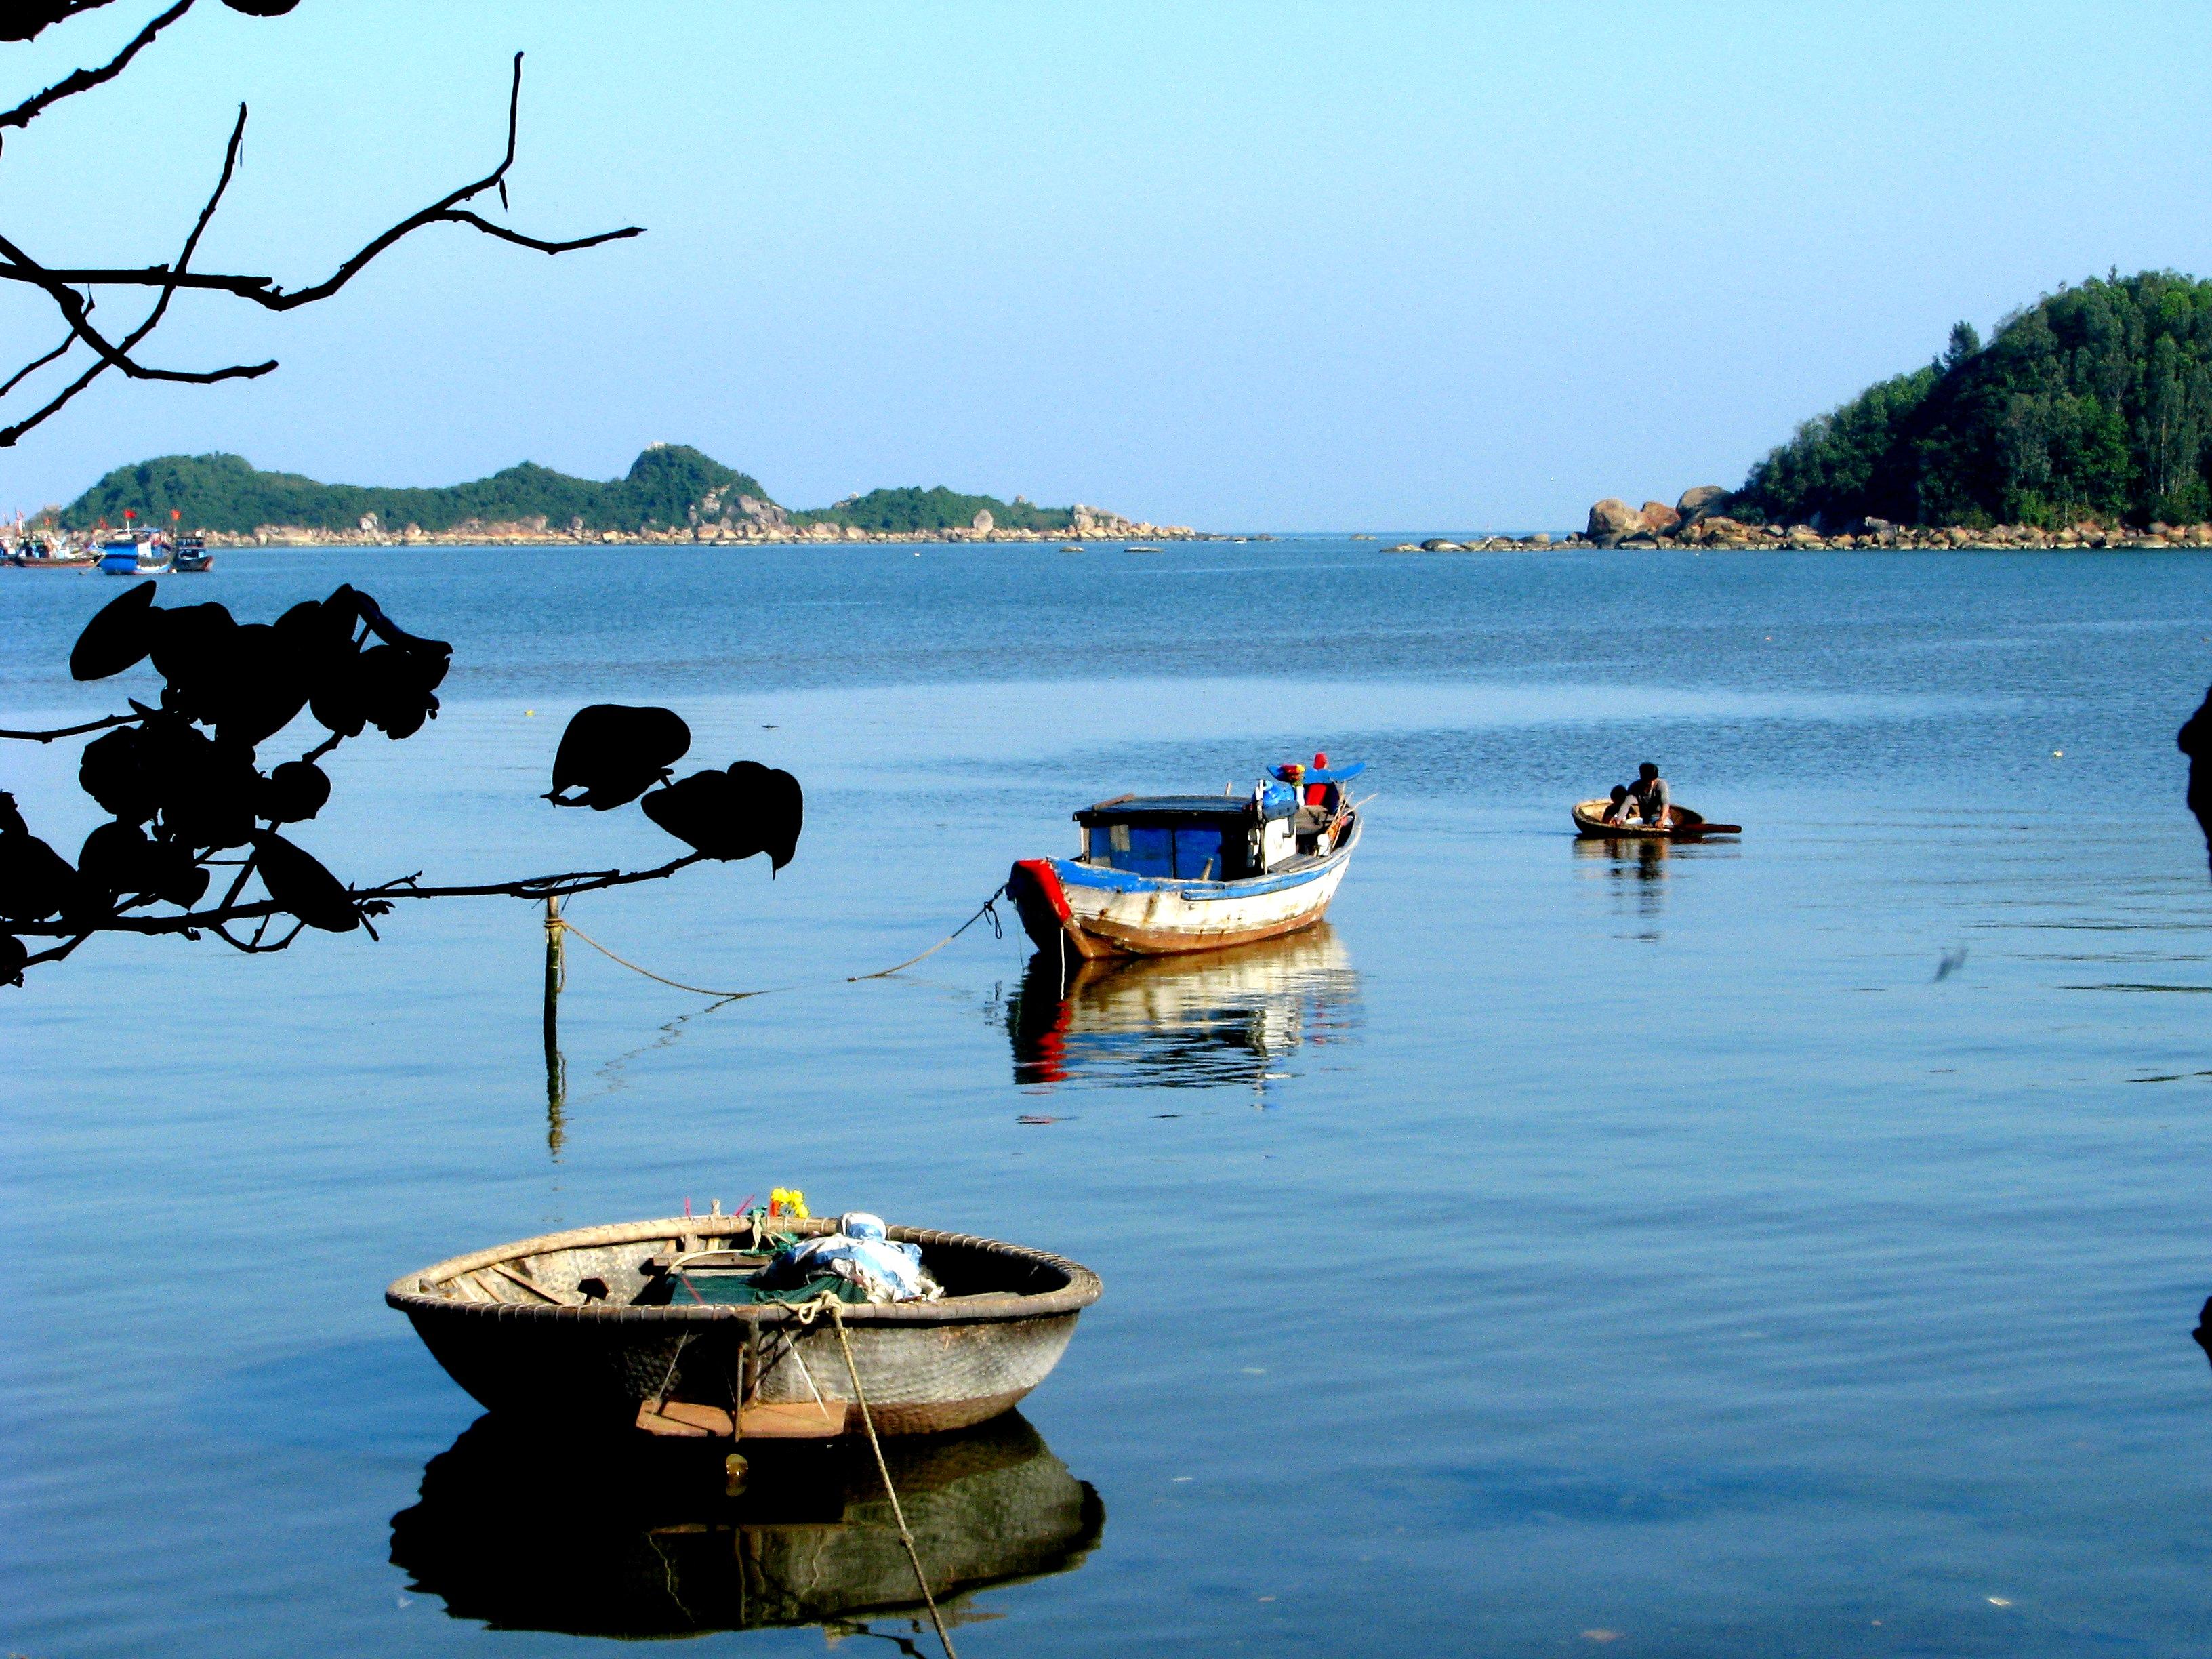 Nơi con sông Trà Bồng đổ ra biển được gọi là Cửa Sa Cần.